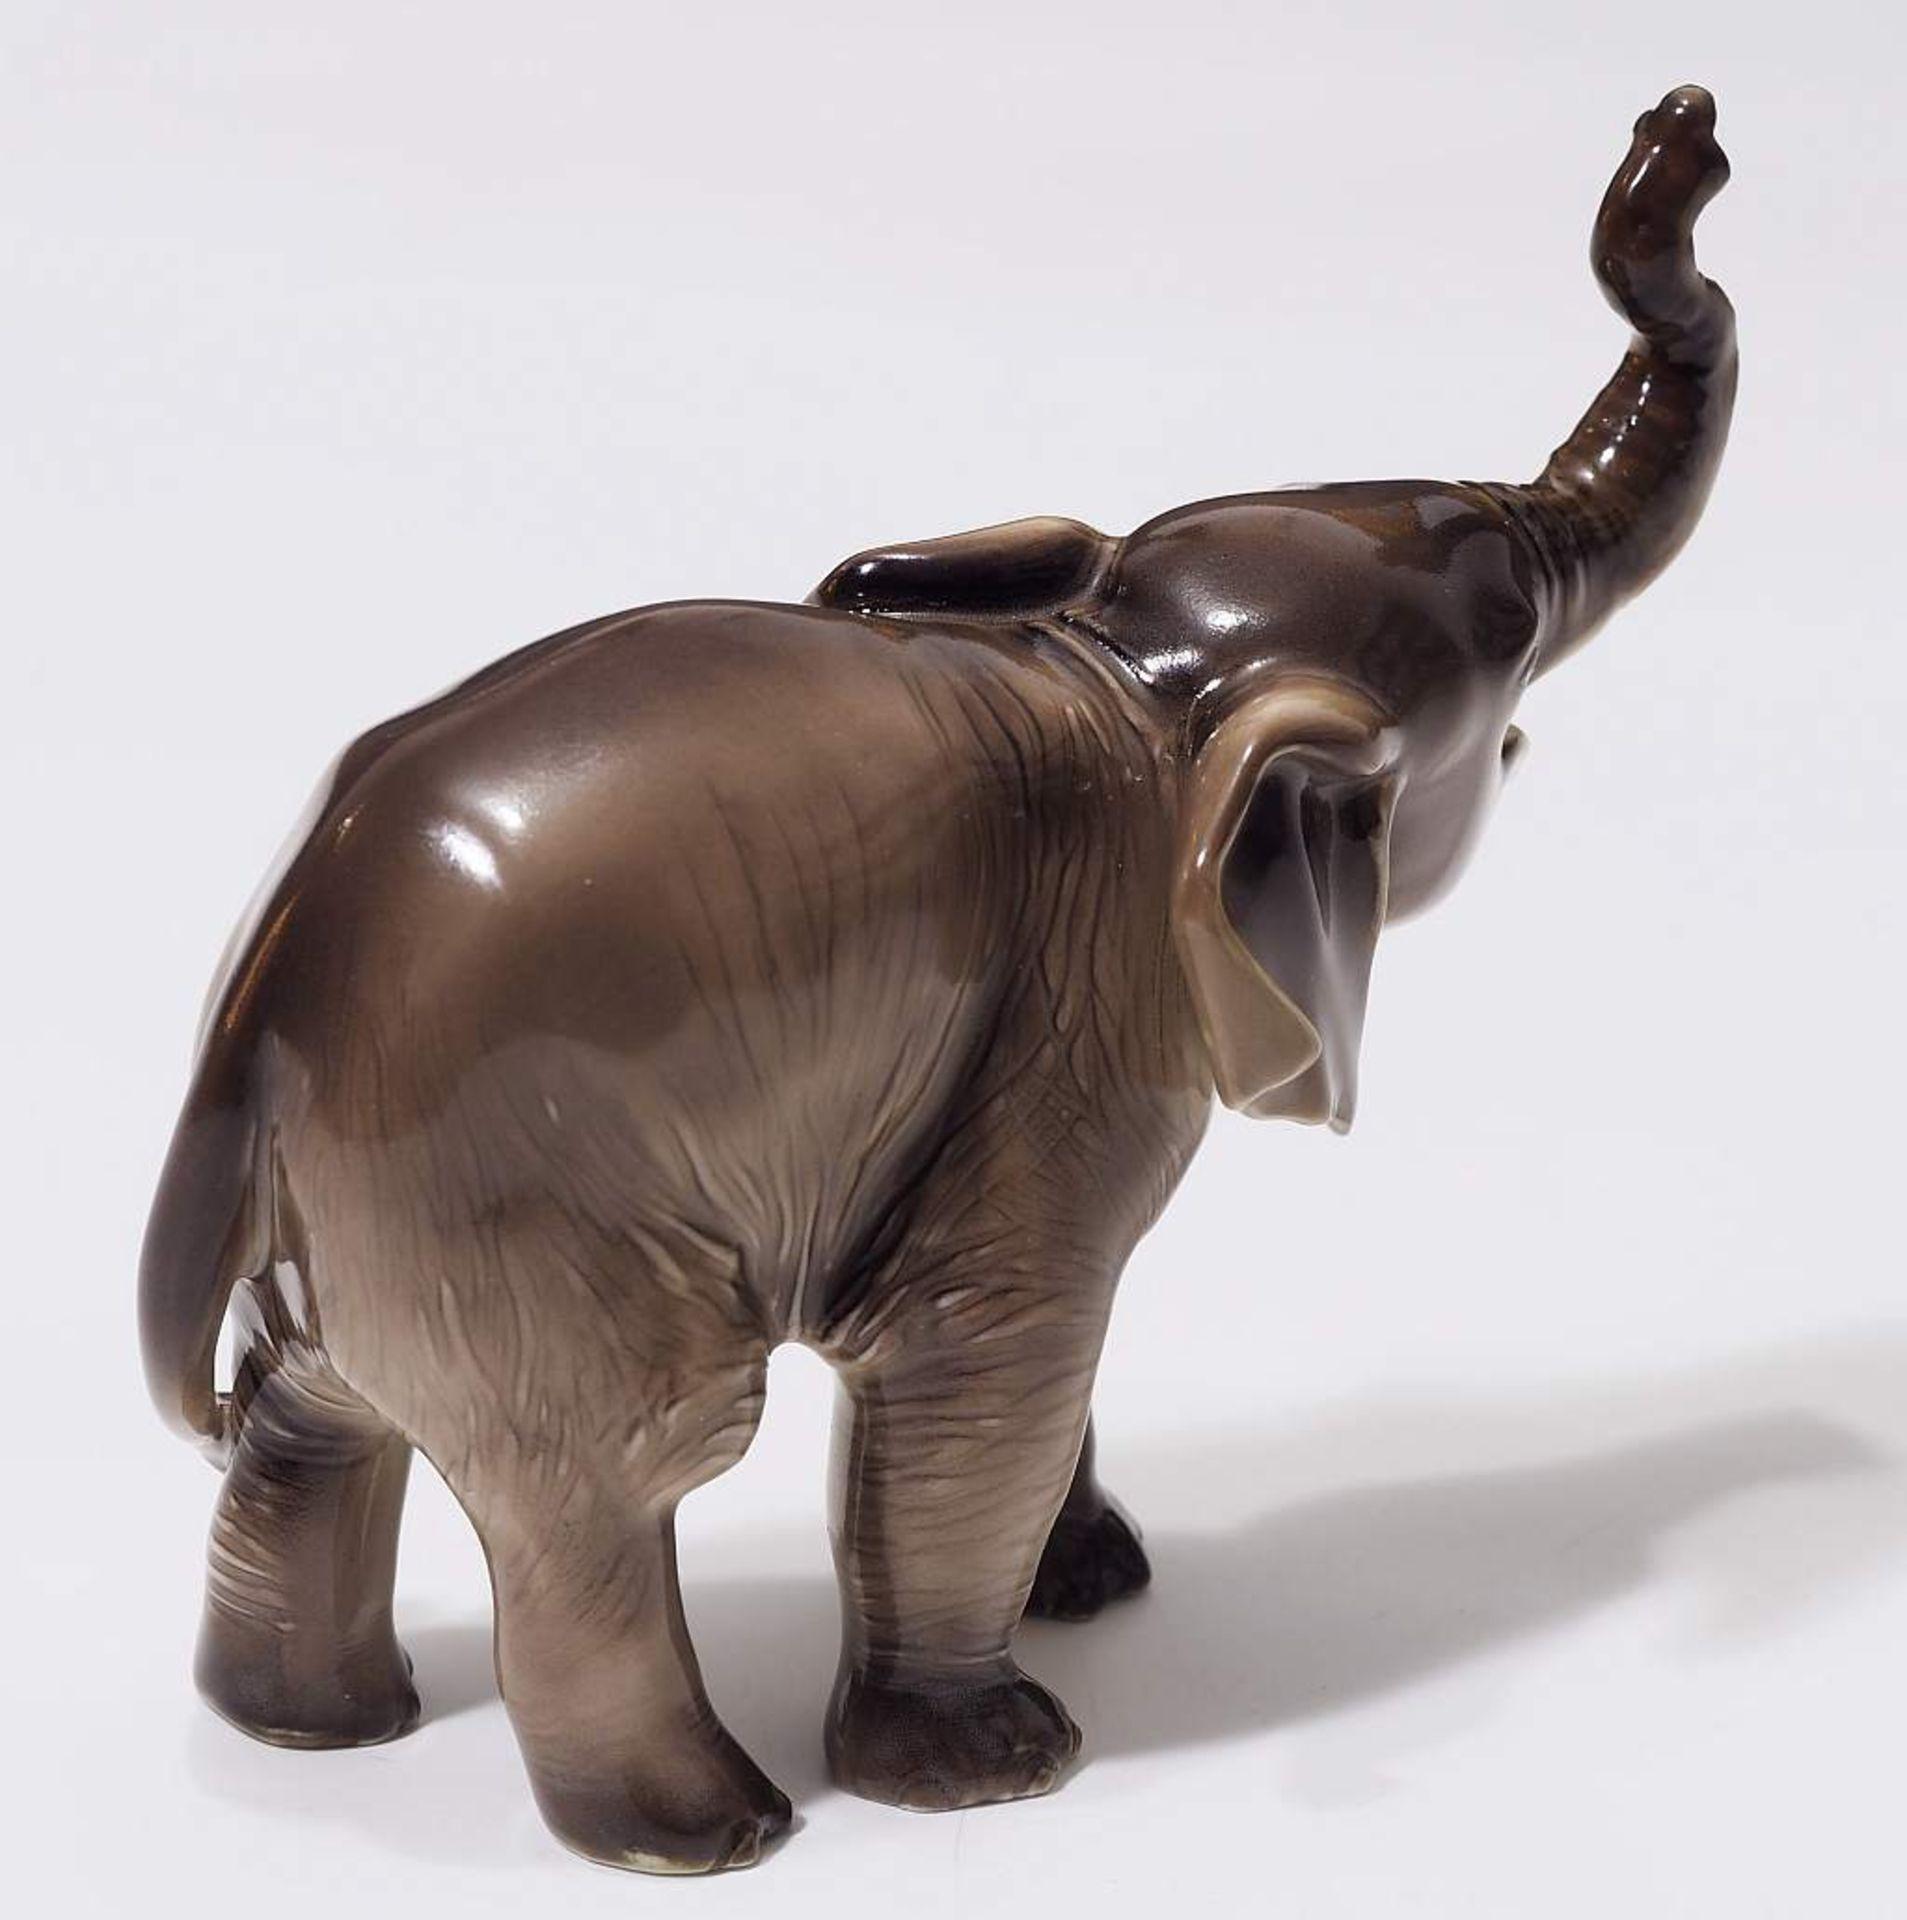 """Sehr seltene Tiefigur """"Elefant, trompetend"""", ALLACH. Sehr seltene Tiefigur """"Elefant, trompetend"""", - Bild 5 aus 12"""